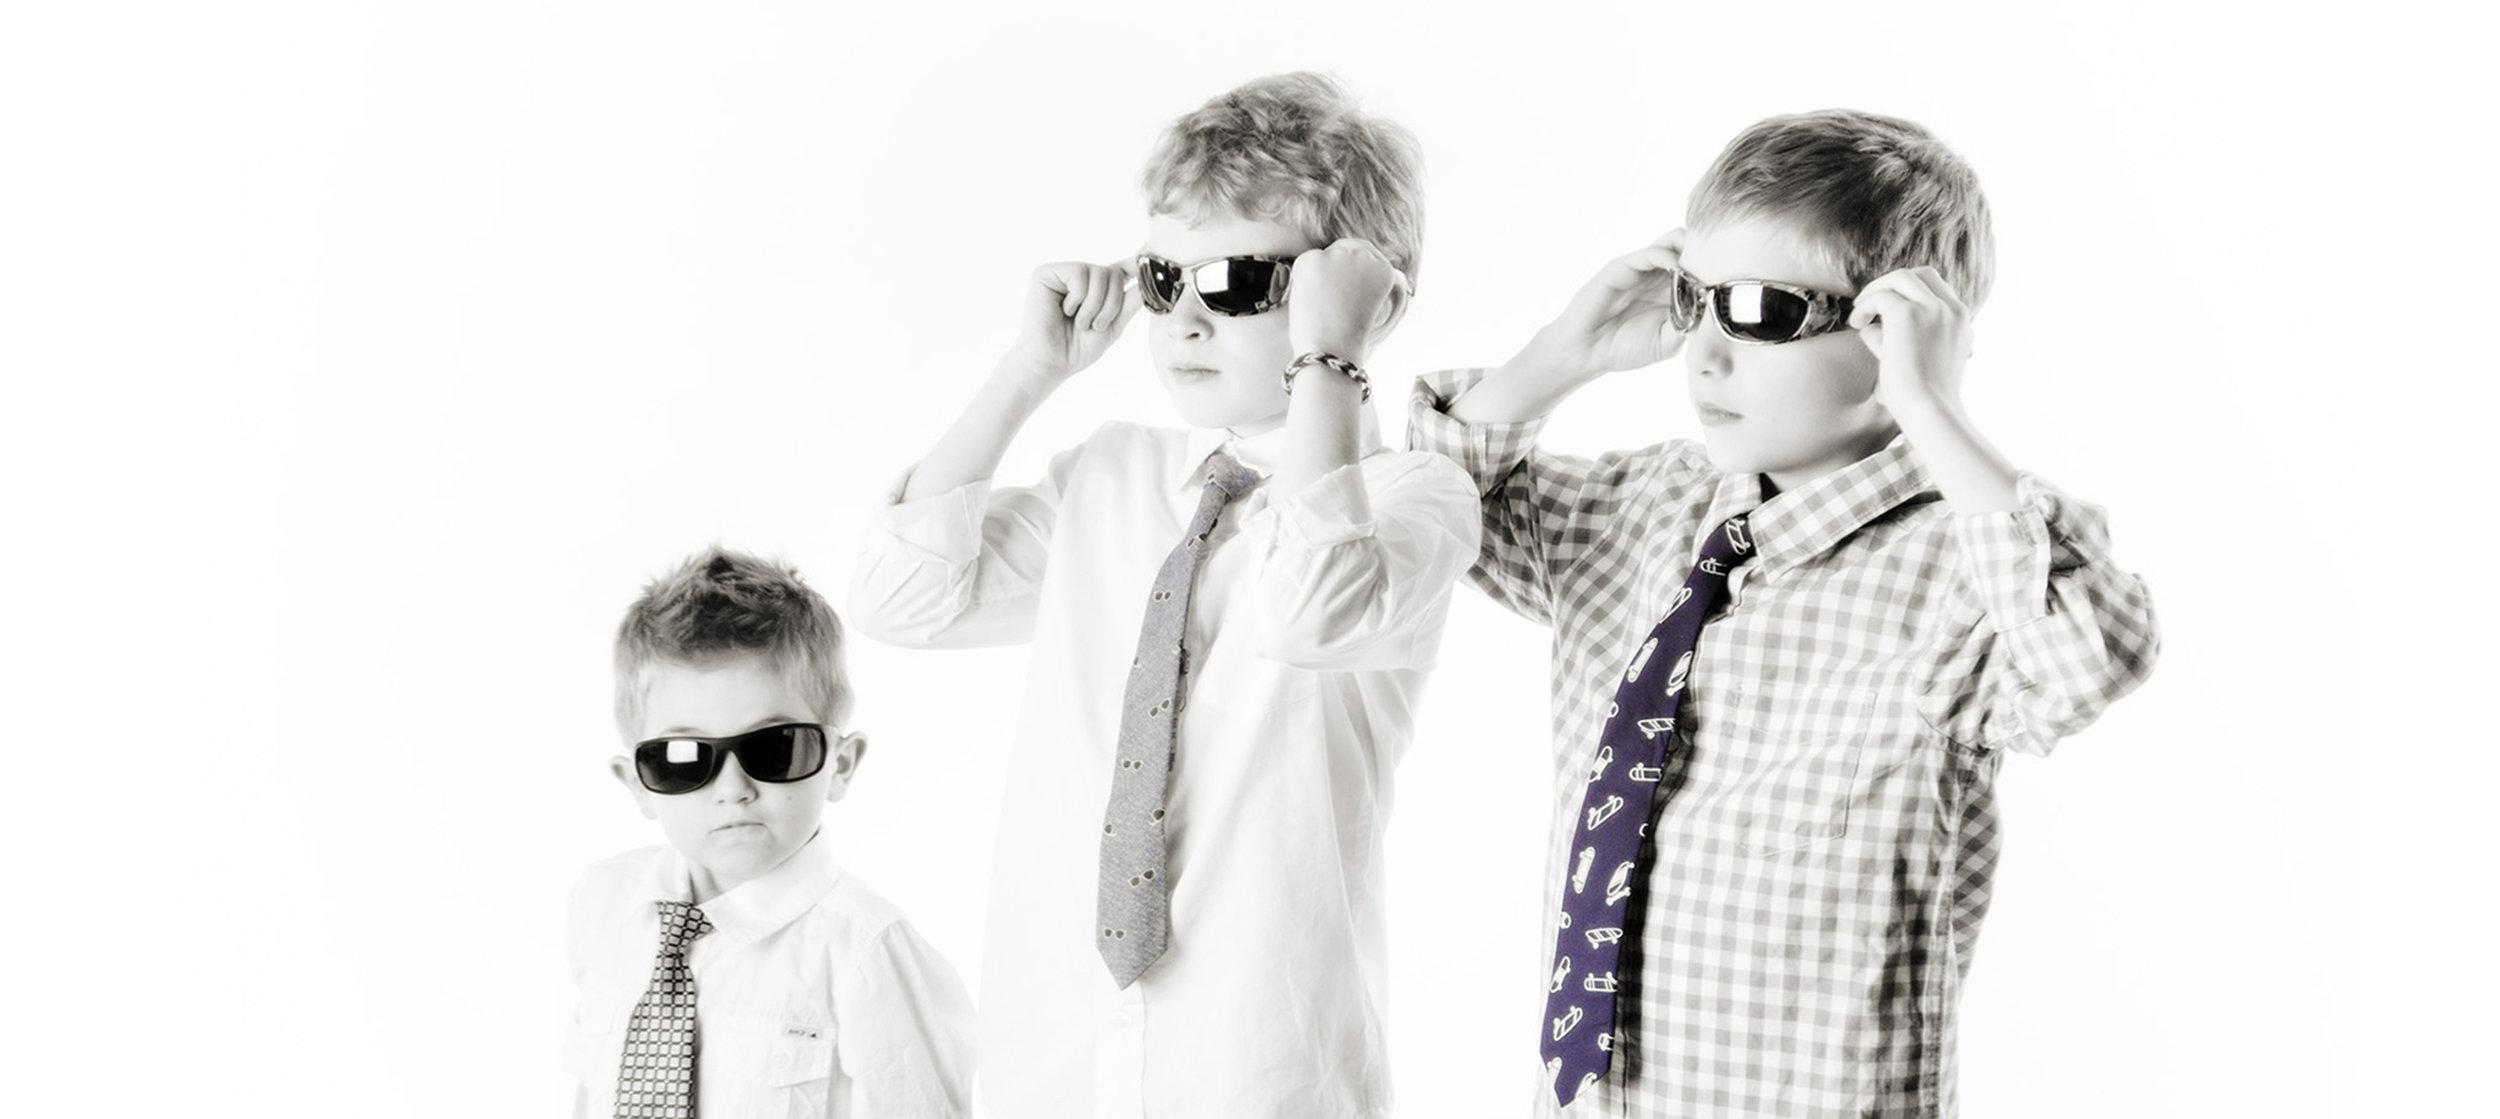 children photographer in Eugene Oregon.jpg